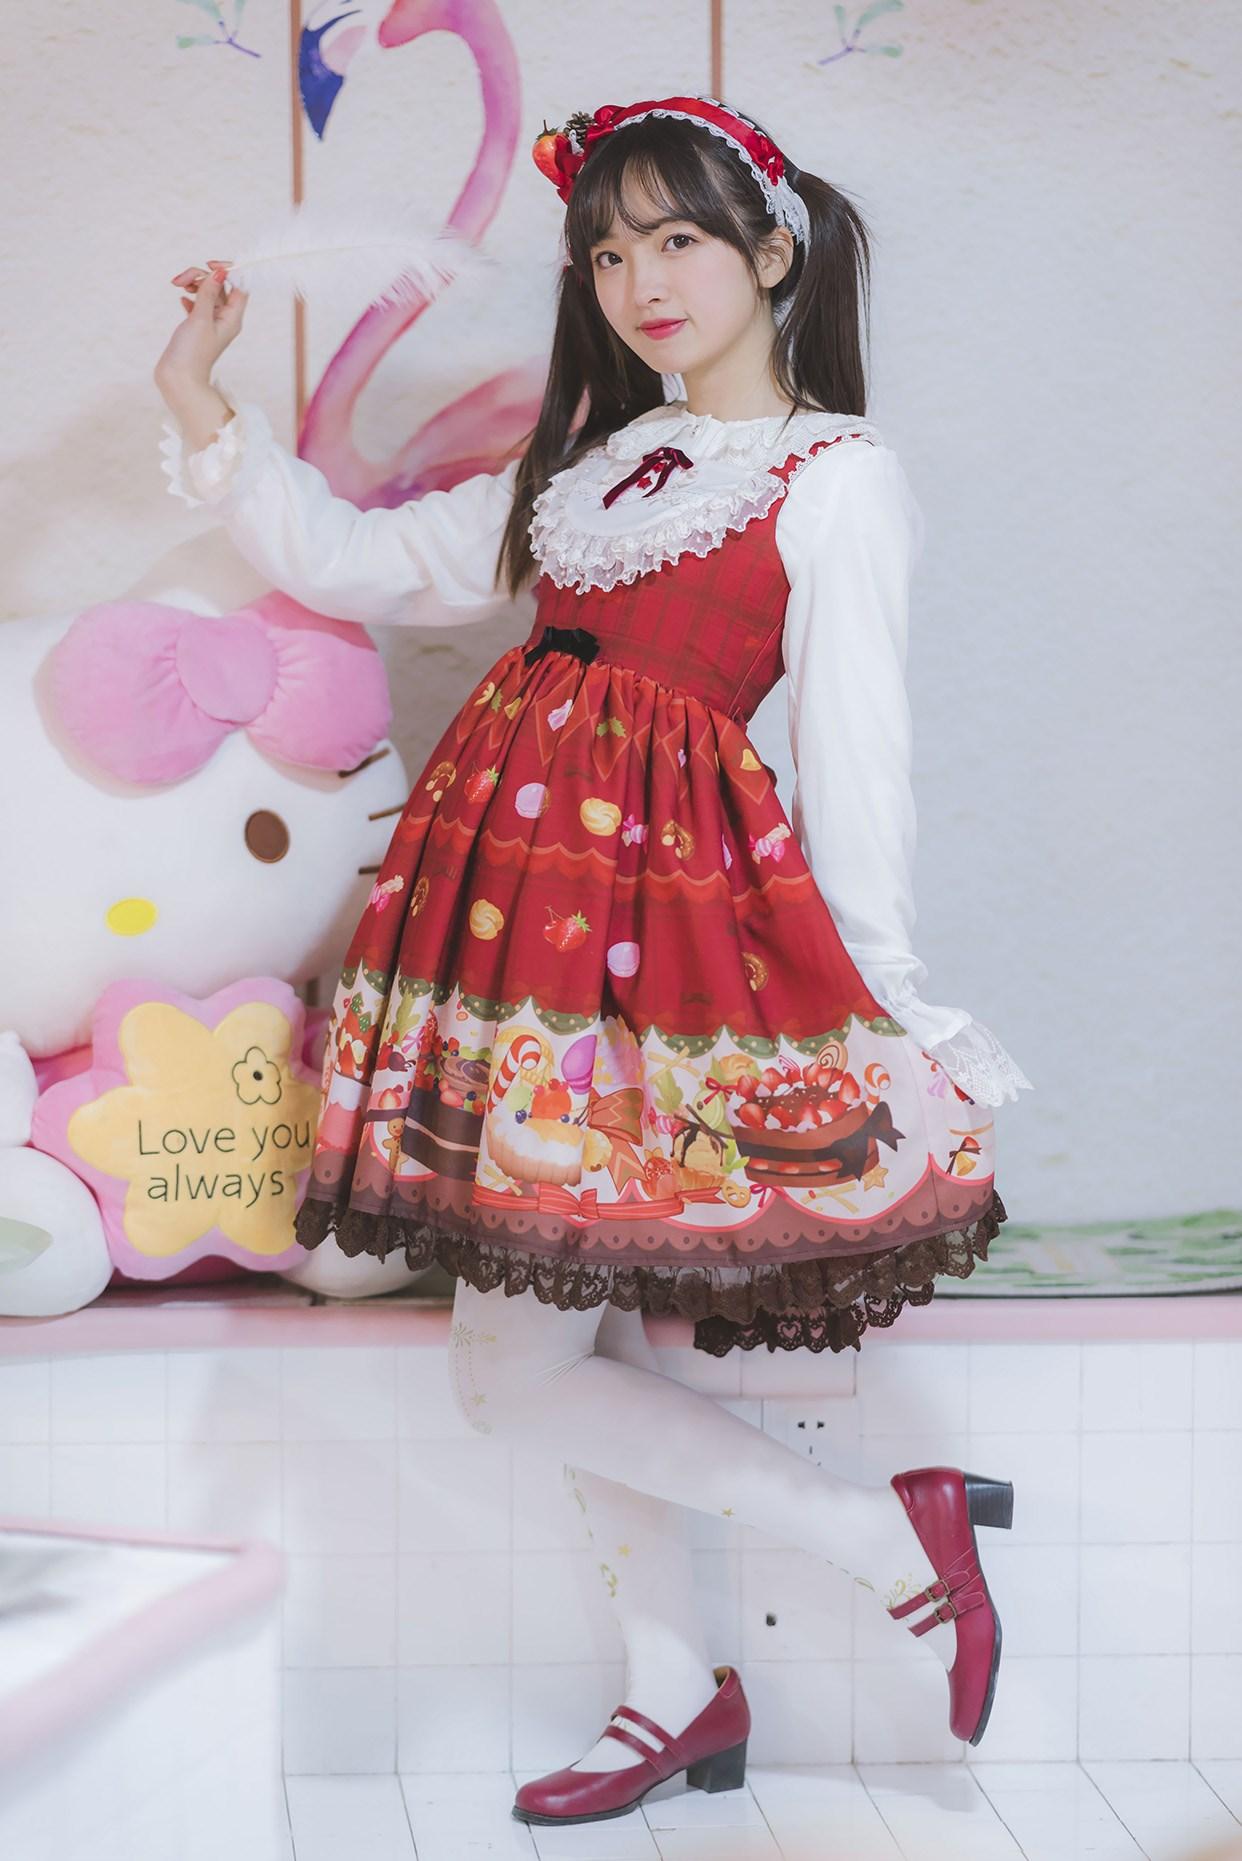 【兔玩映画】一只甜甜的小女友 兔玩映画 第33张